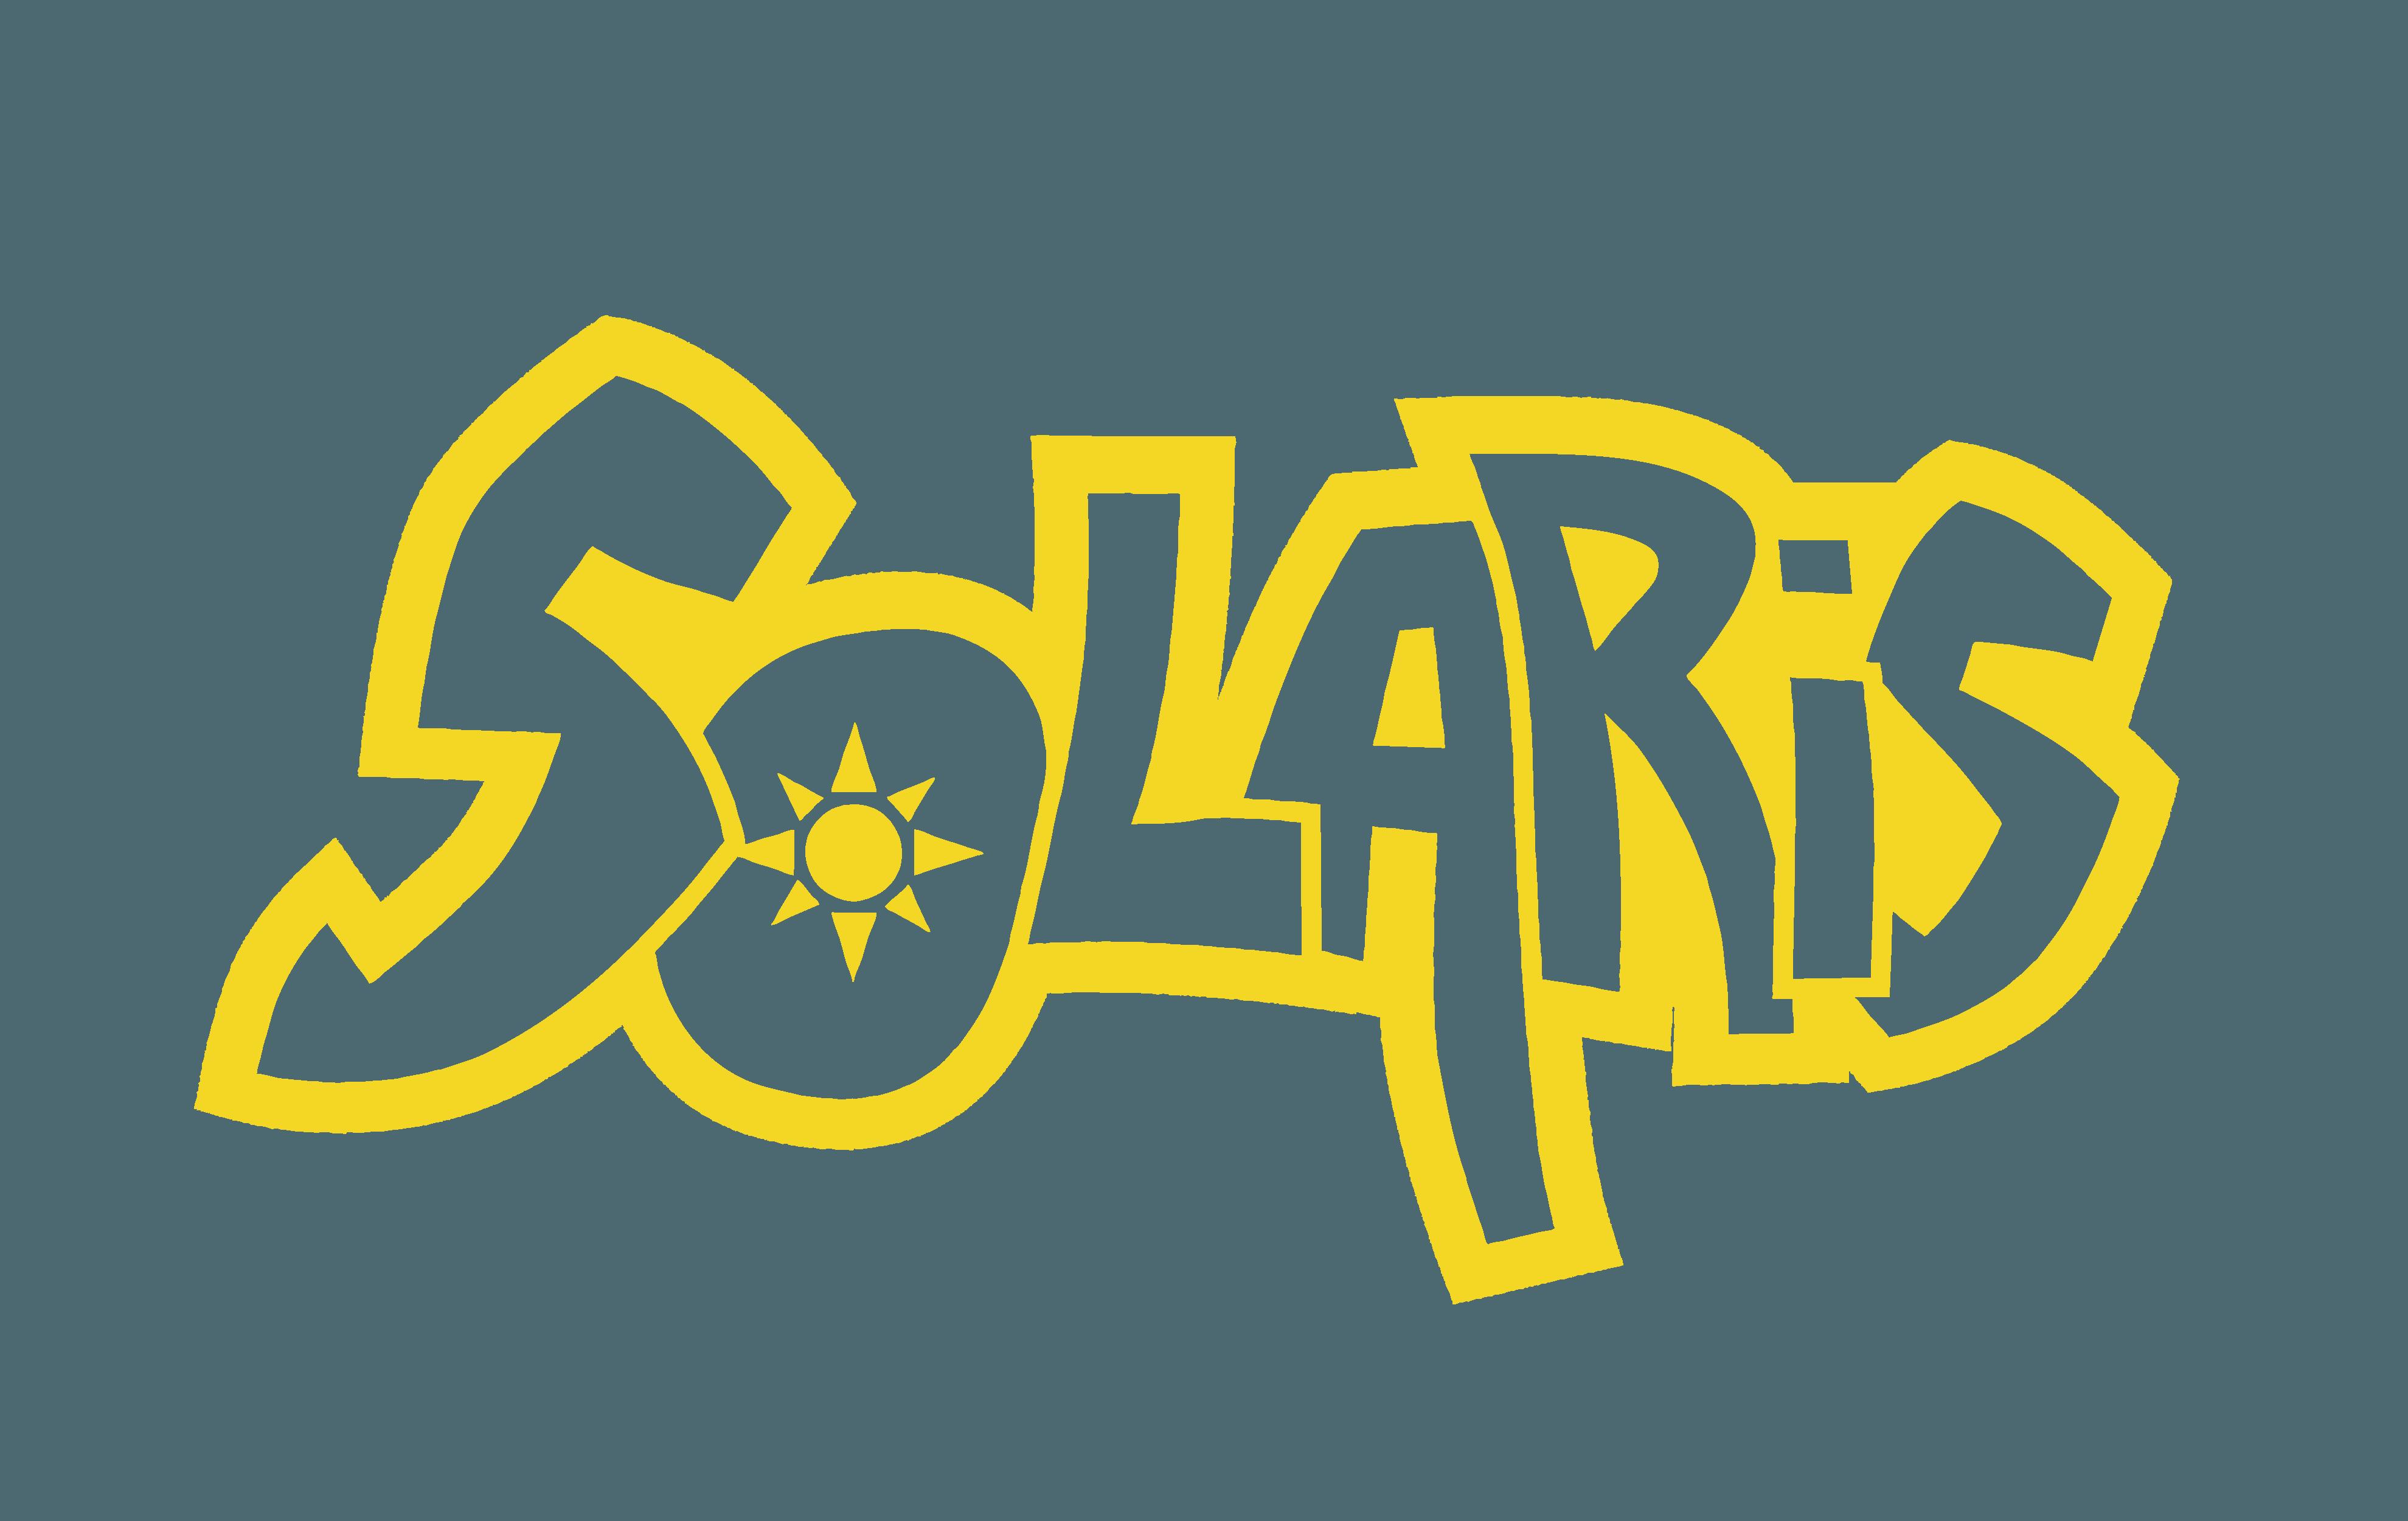 Solaris.dk